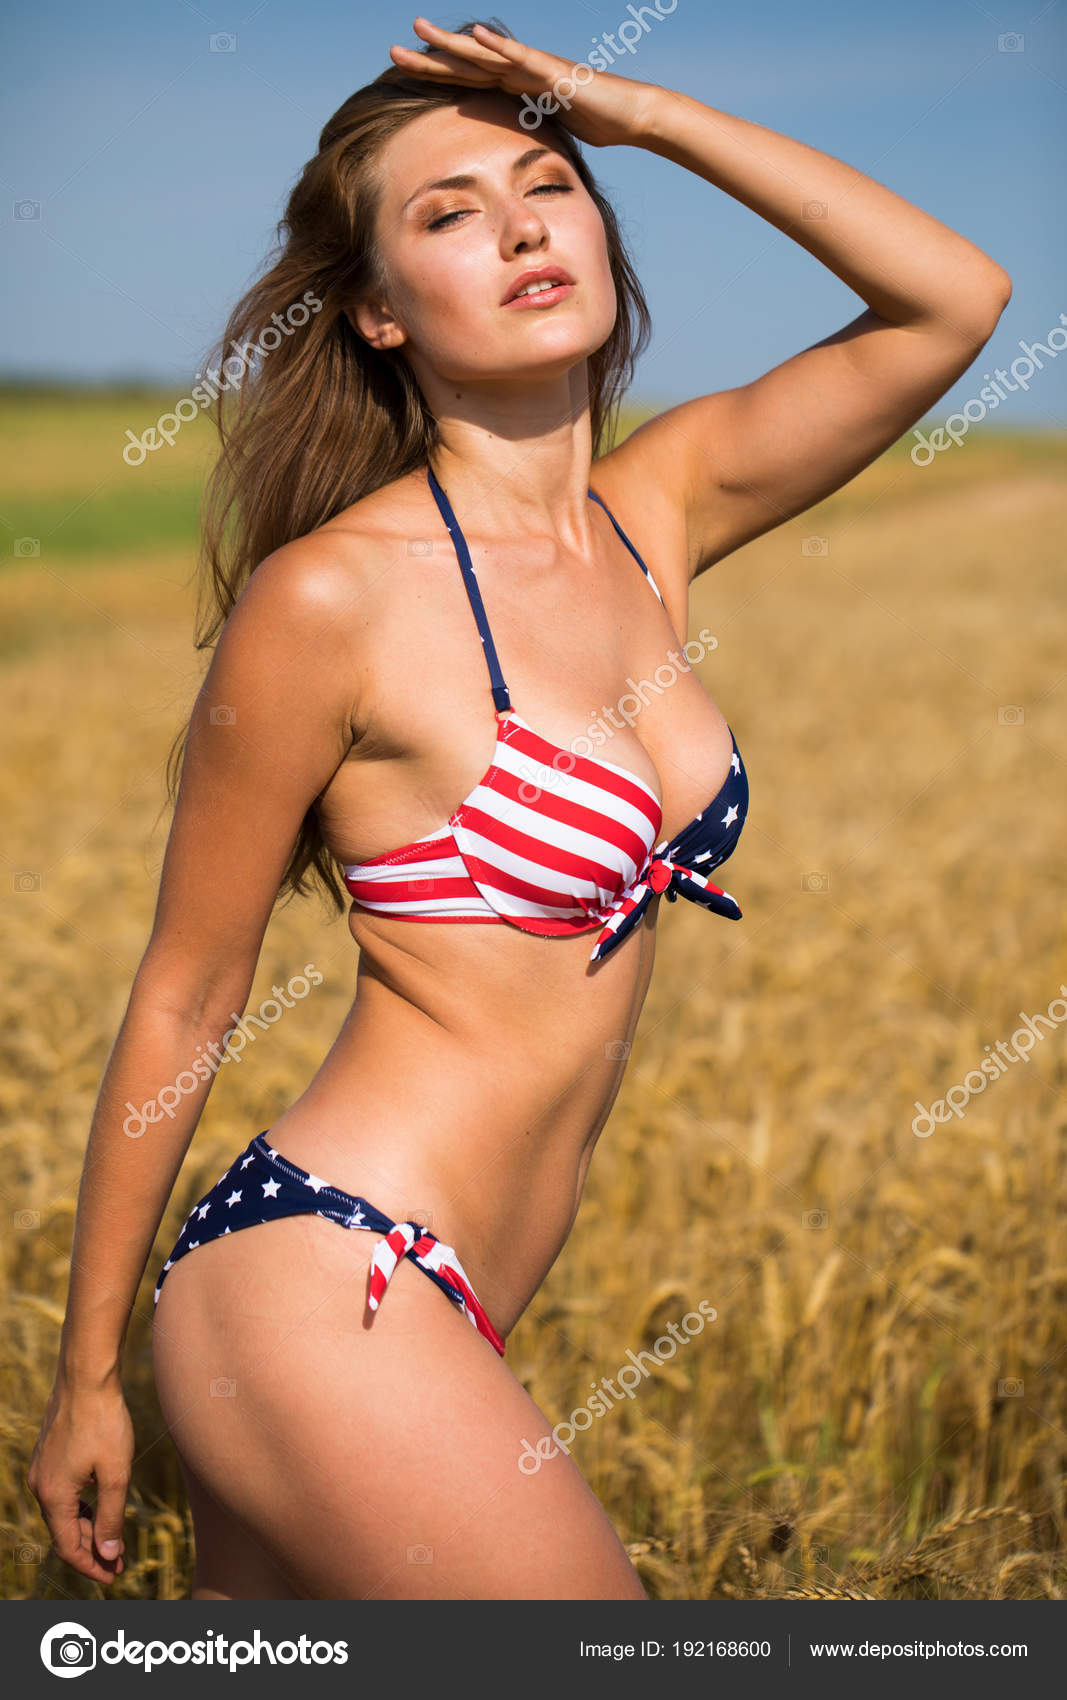 Bir Buday Alannda Seksi Amerikan Bayra Bikinili Seksi -5383